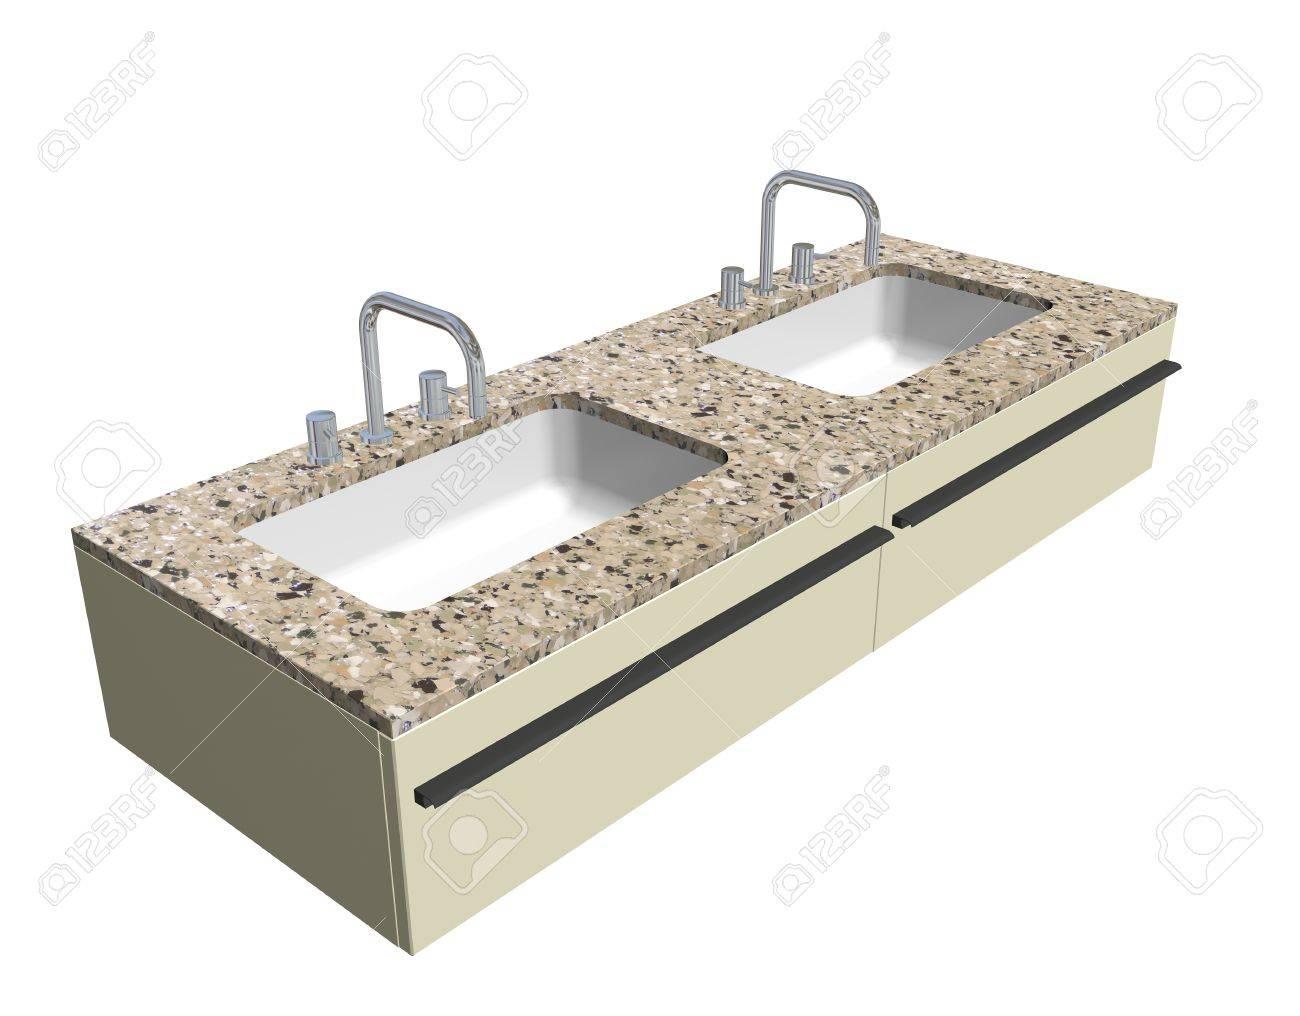 Granieten Wastafel Badkamer : Moderne badkamer wastafel set met granieten aanrechtblad en chroom